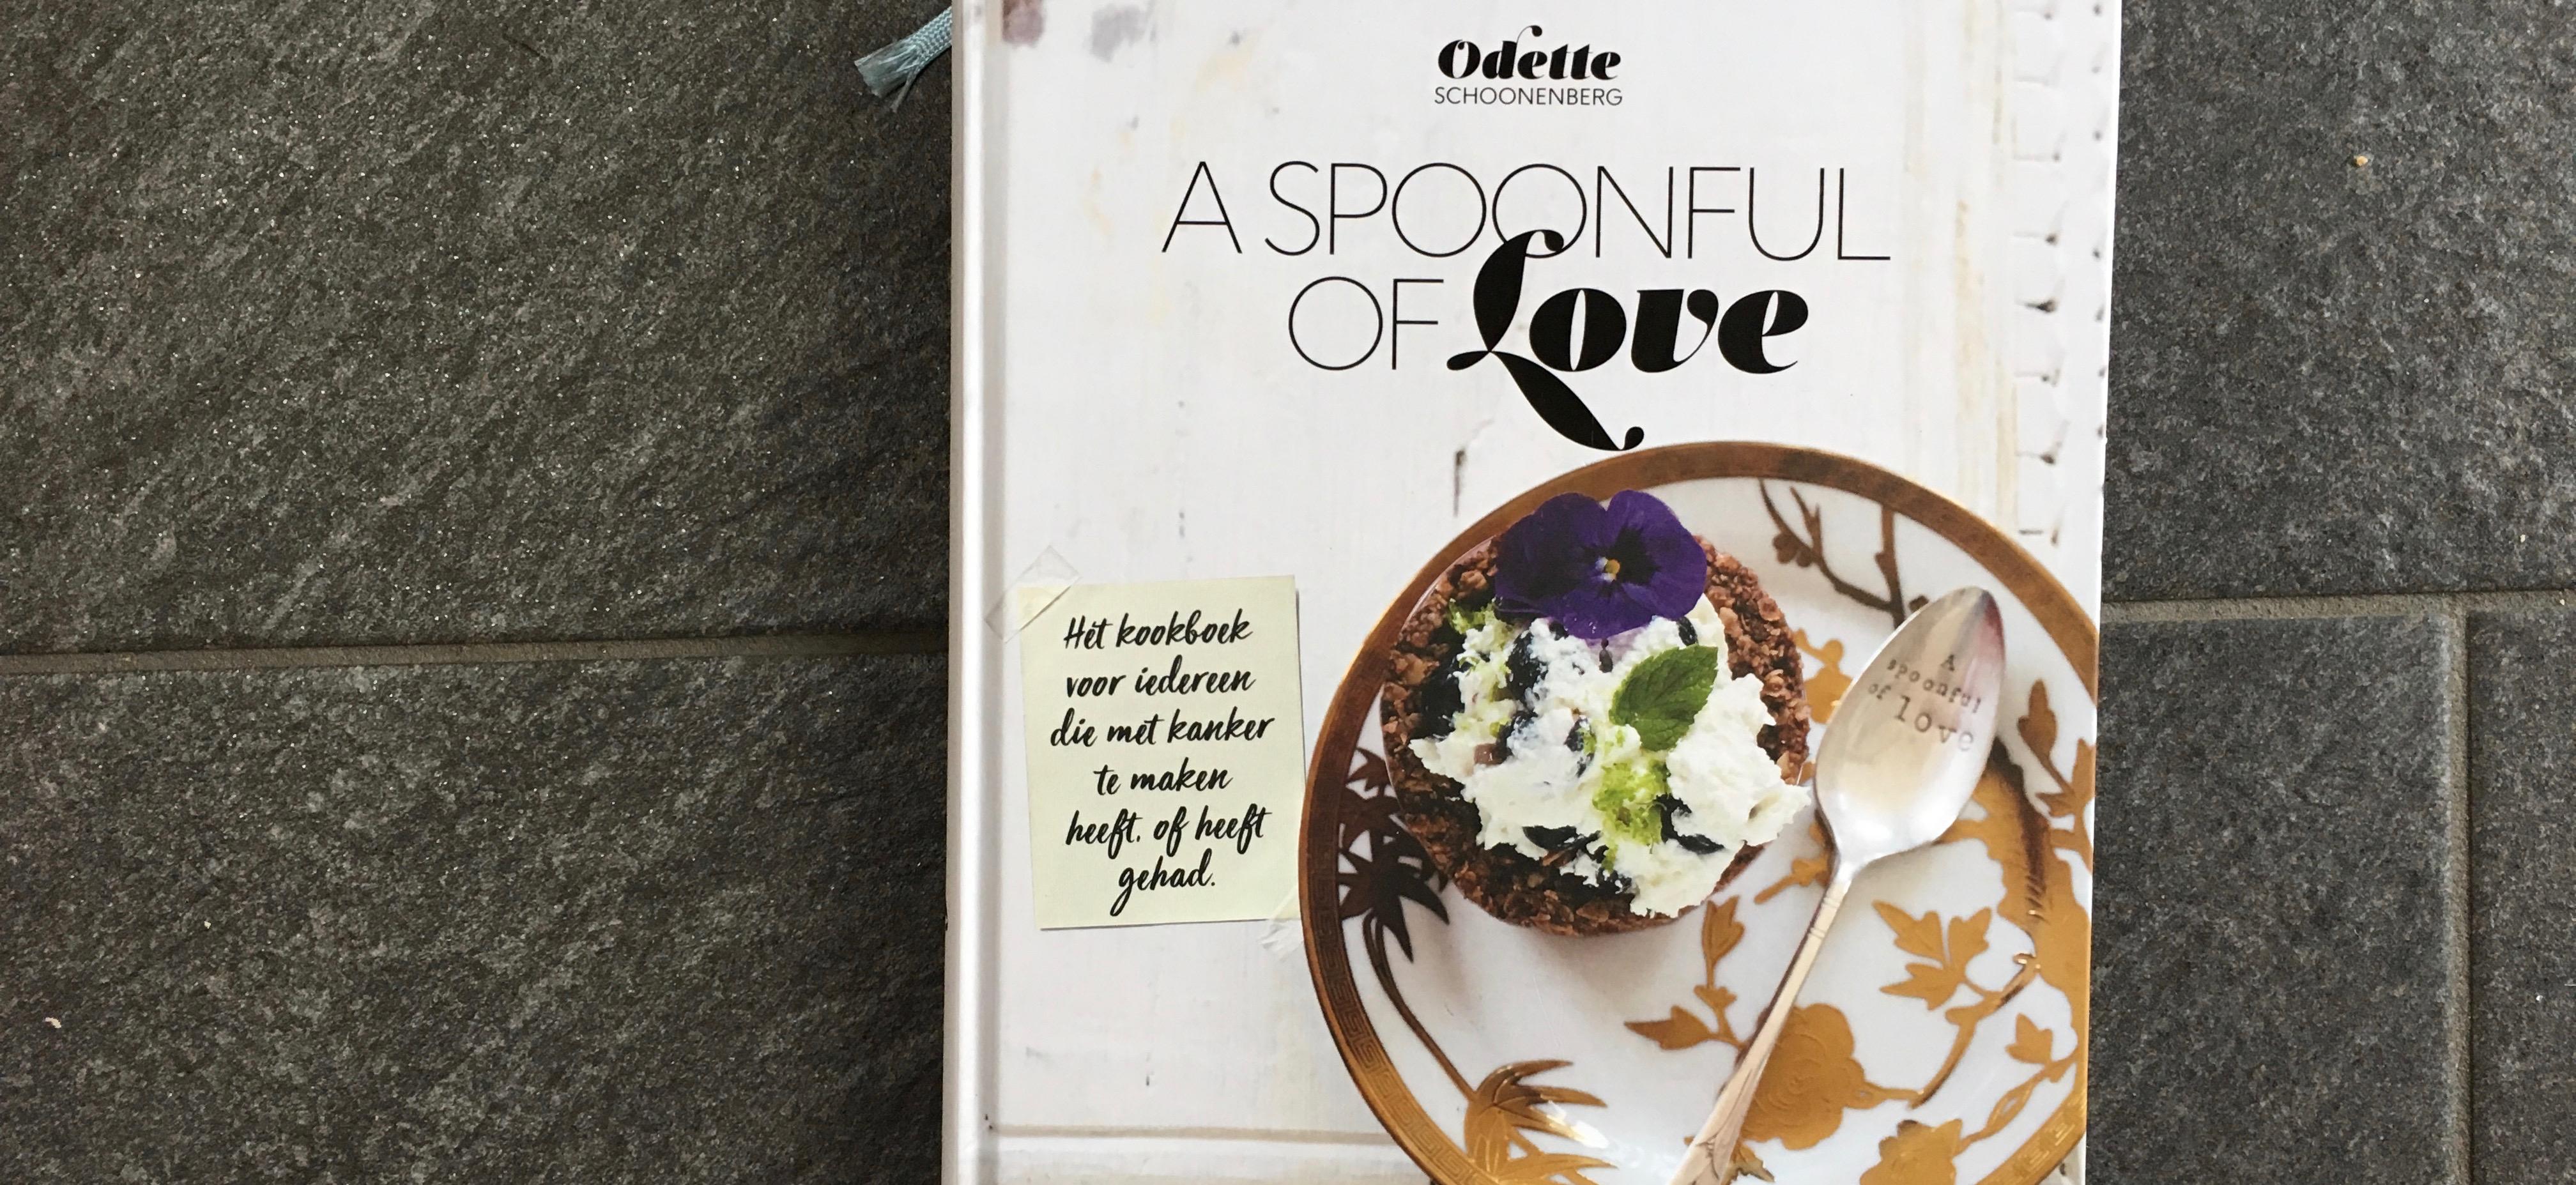 A spoonful of love: een speciaal boek